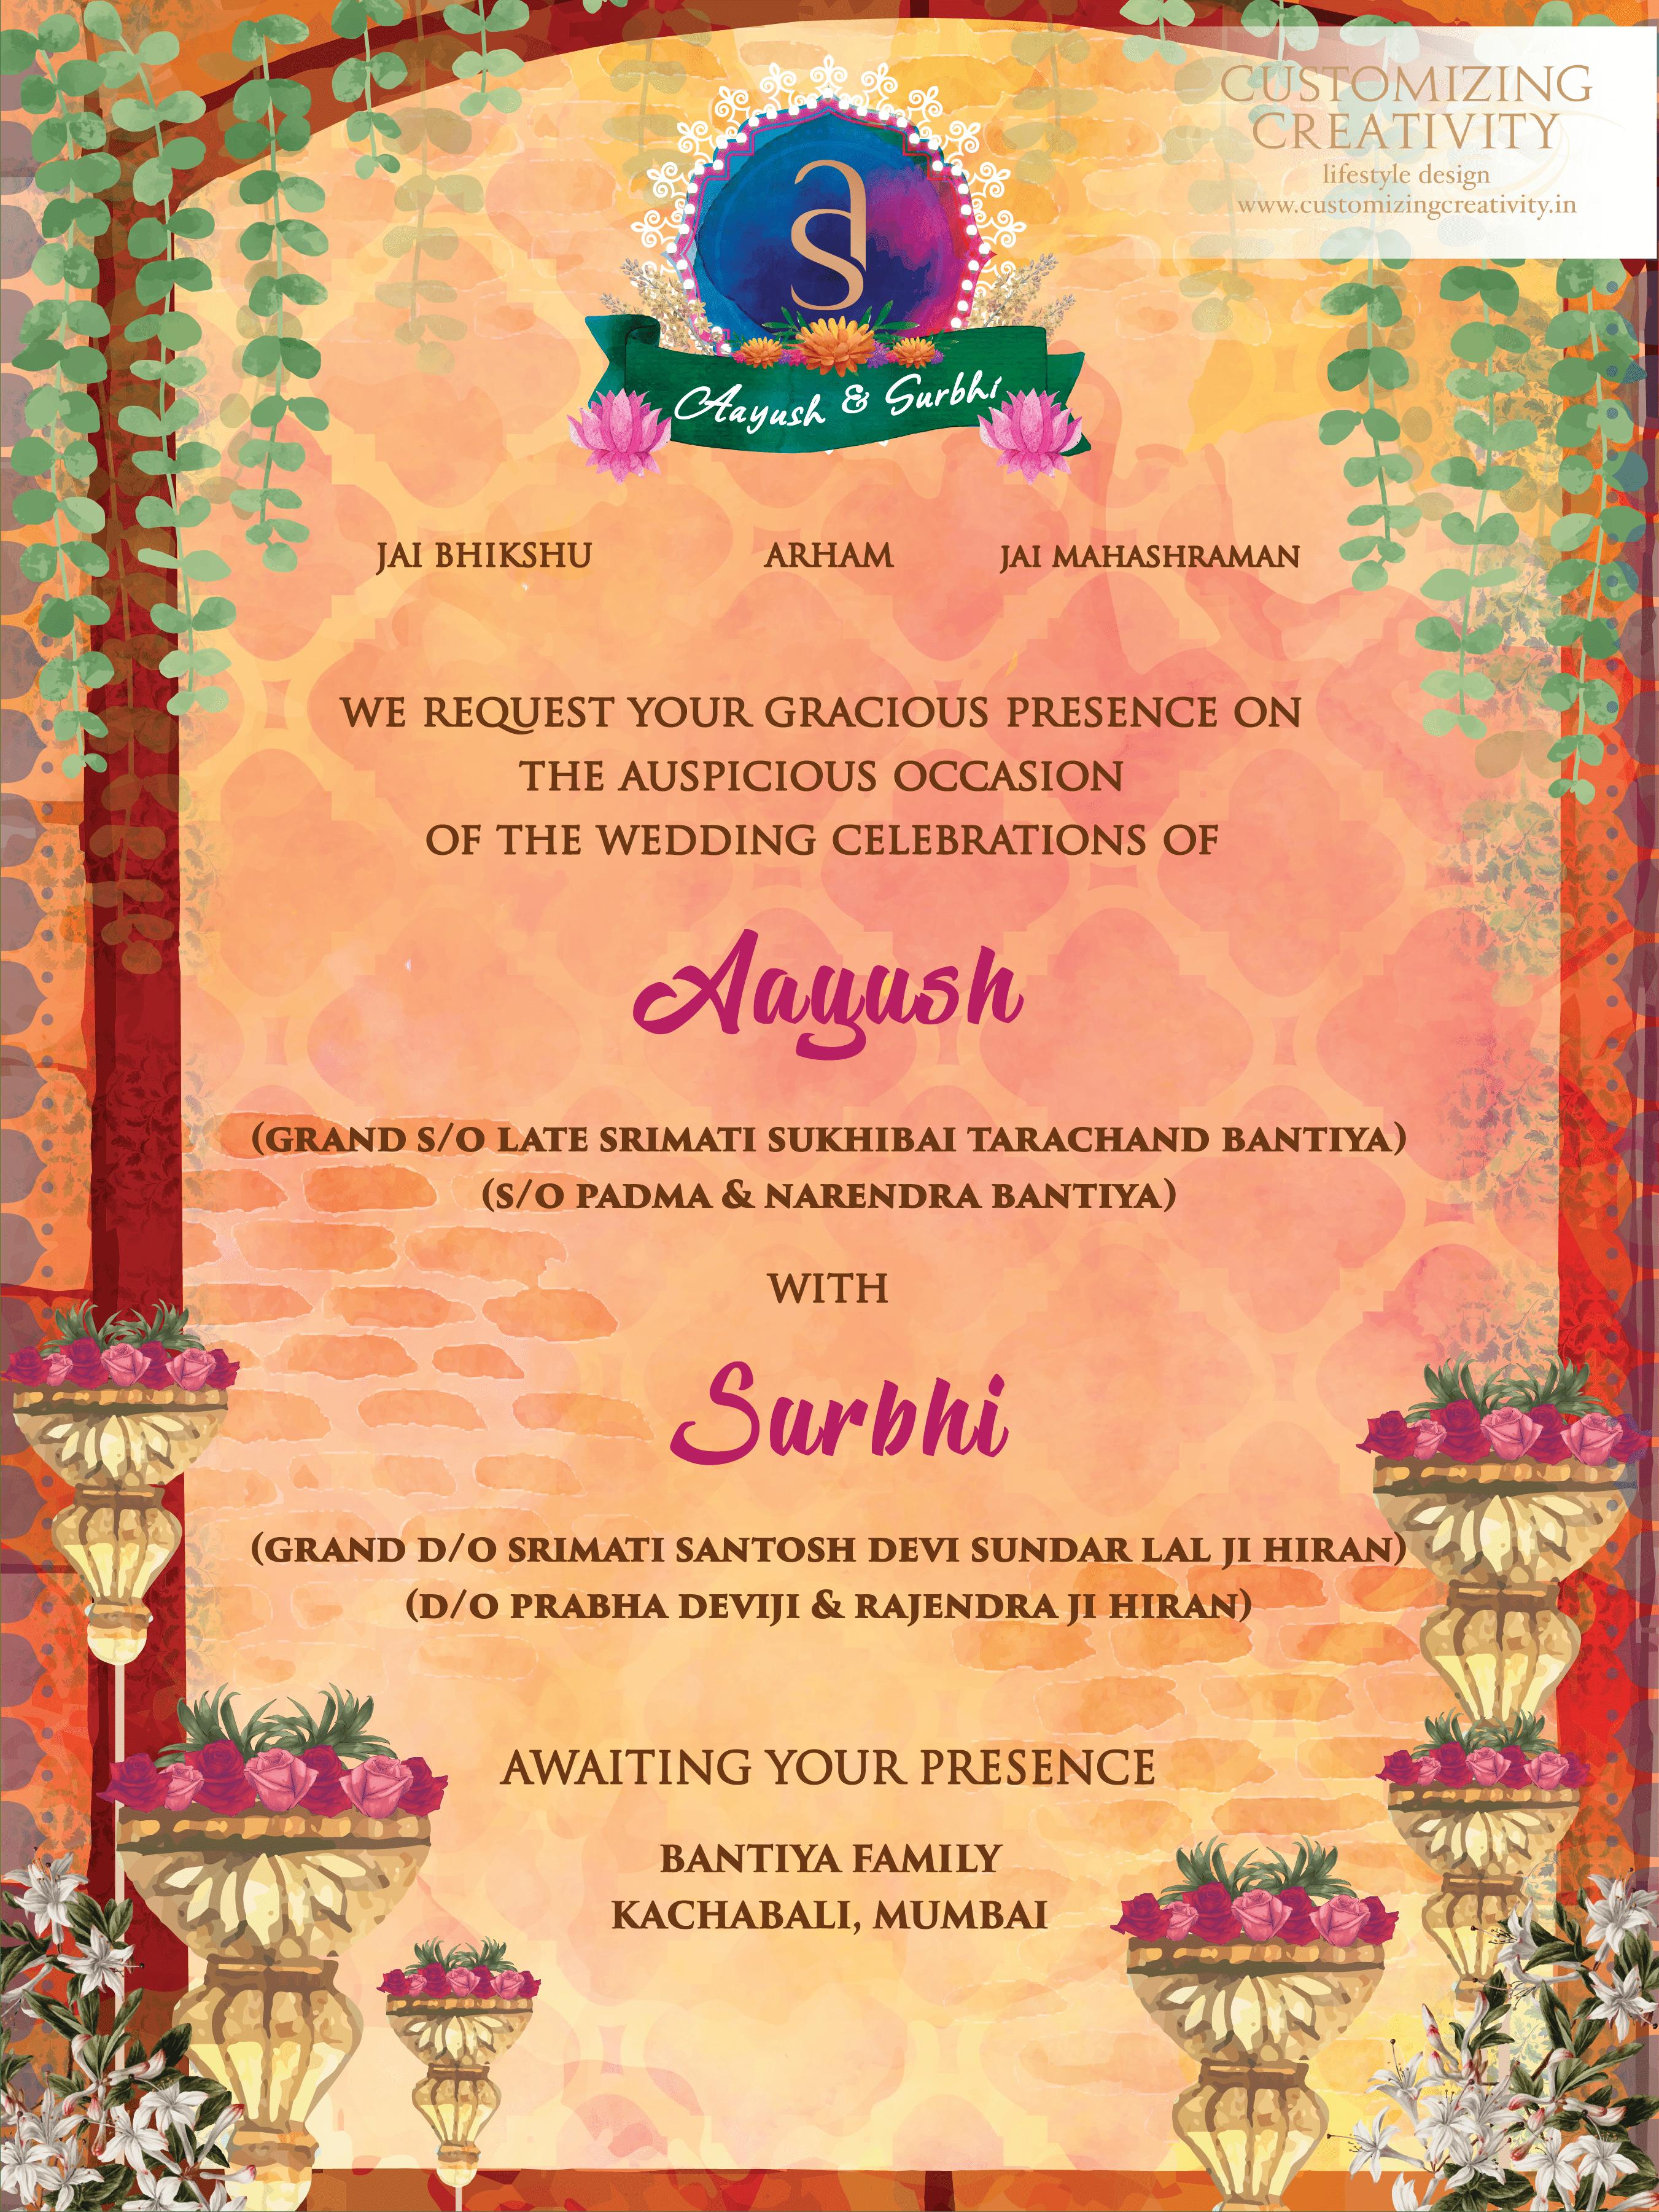 Digital Invites Evite Designs Eversion E Vite E Cards Invites Invitation Cards Wedding Invit Wedding Cards Wedding Invitation Cards Simple Wedding Cards